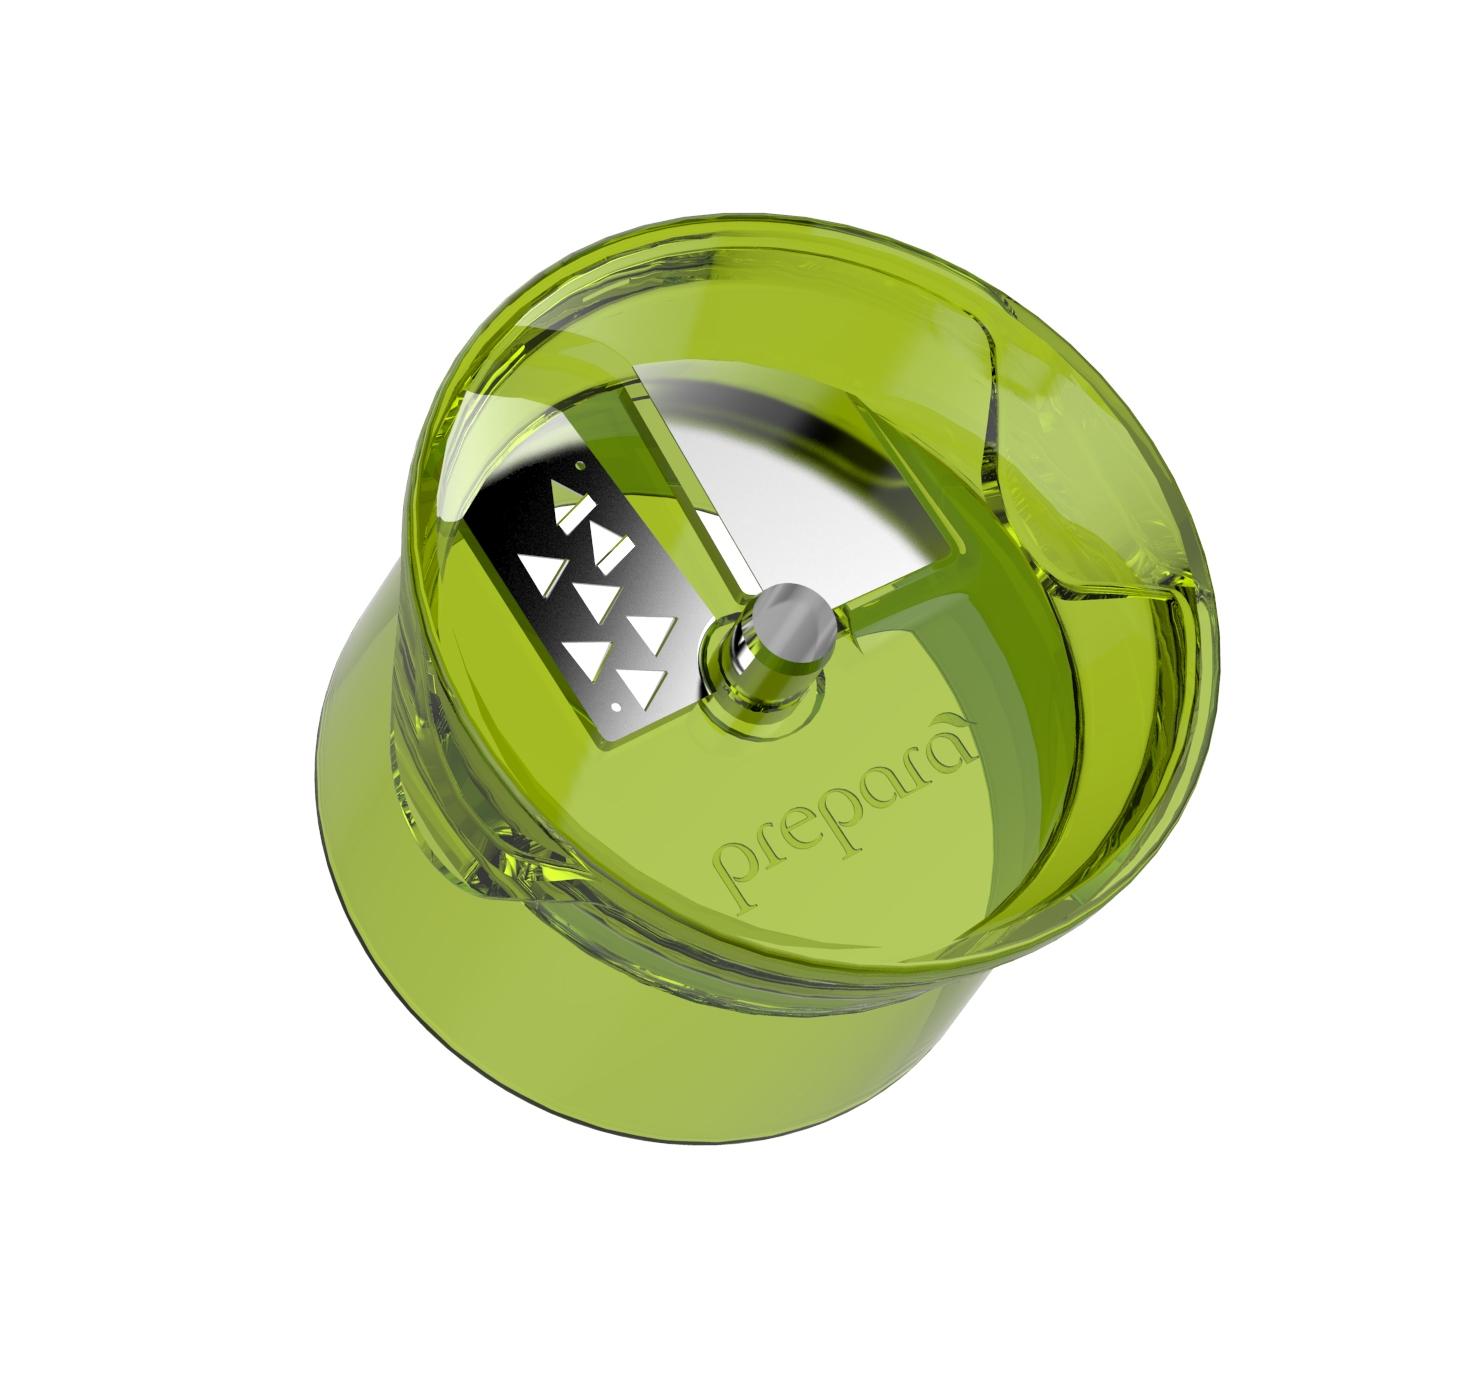 Feliator de legume in spirala Prepara Green